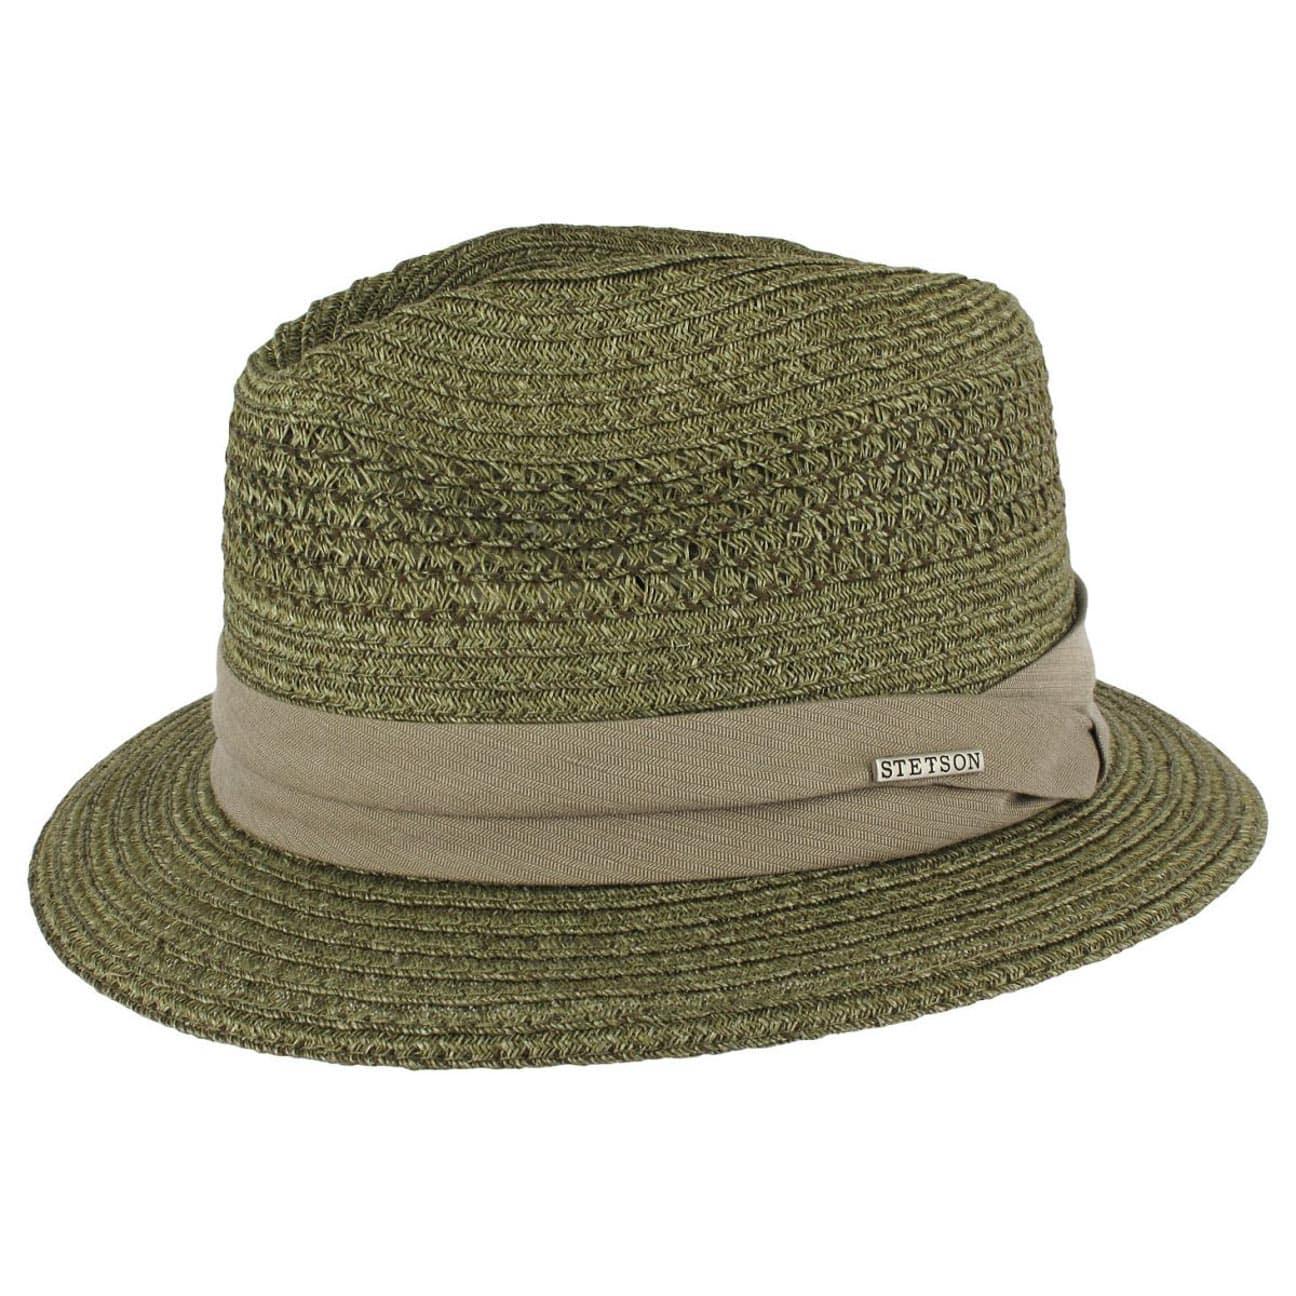 ... Tonawanda Hemp Fedora by Stetson - green 1 ... 55f14da77f6